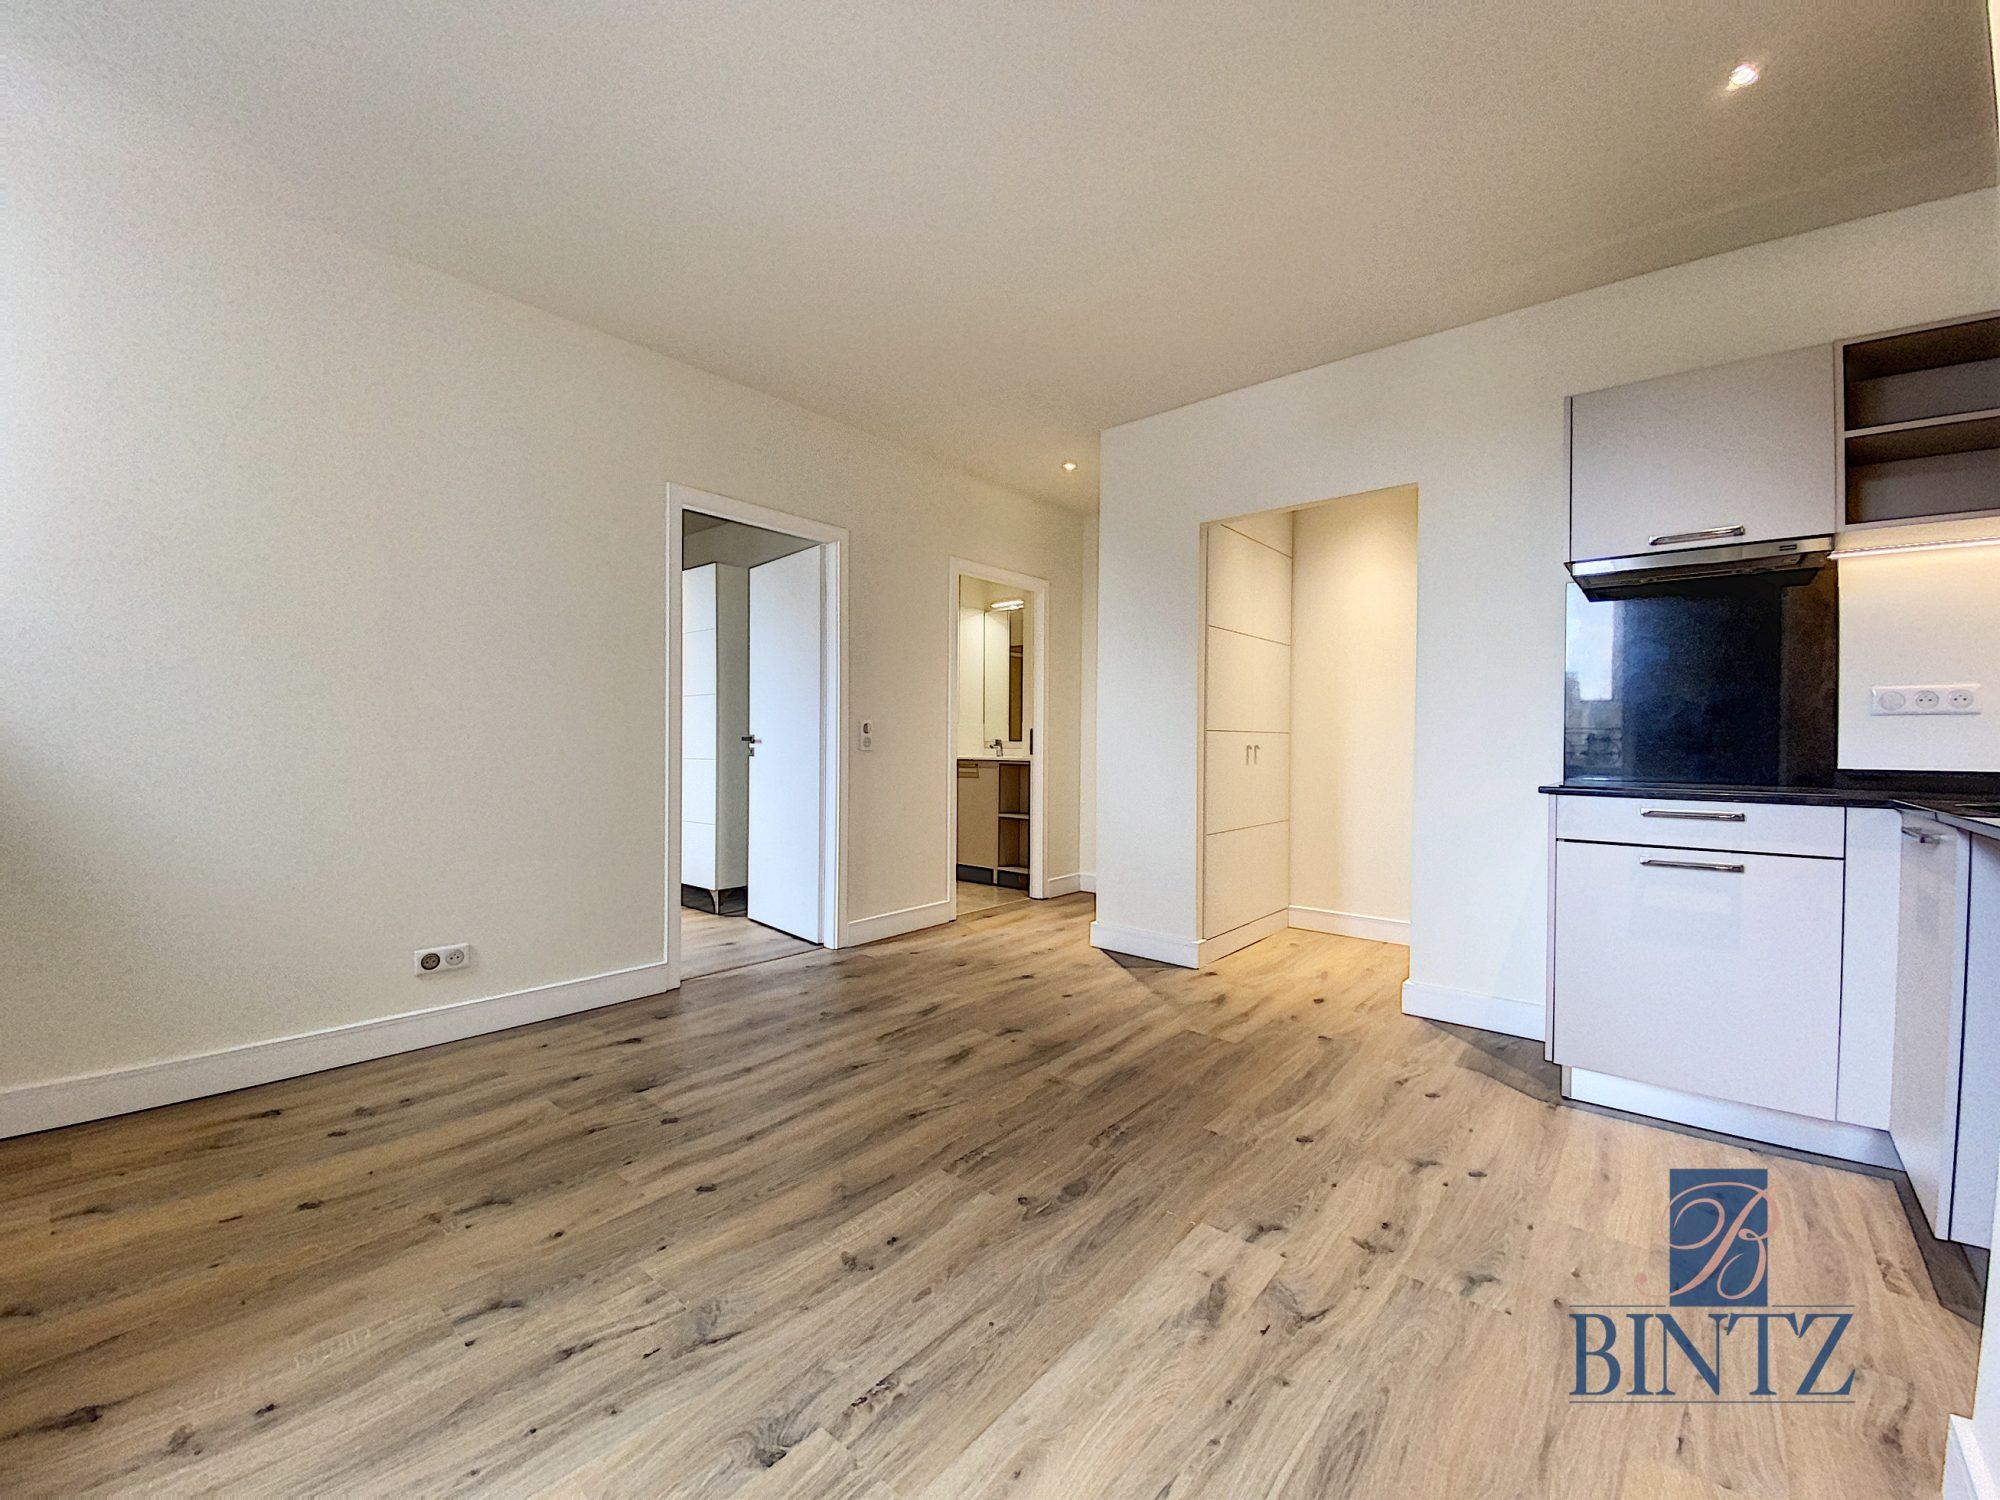 2 Pièces neuf avec balcon - Devenez locataire en toute sérénité - Bintz Immobilier - 11